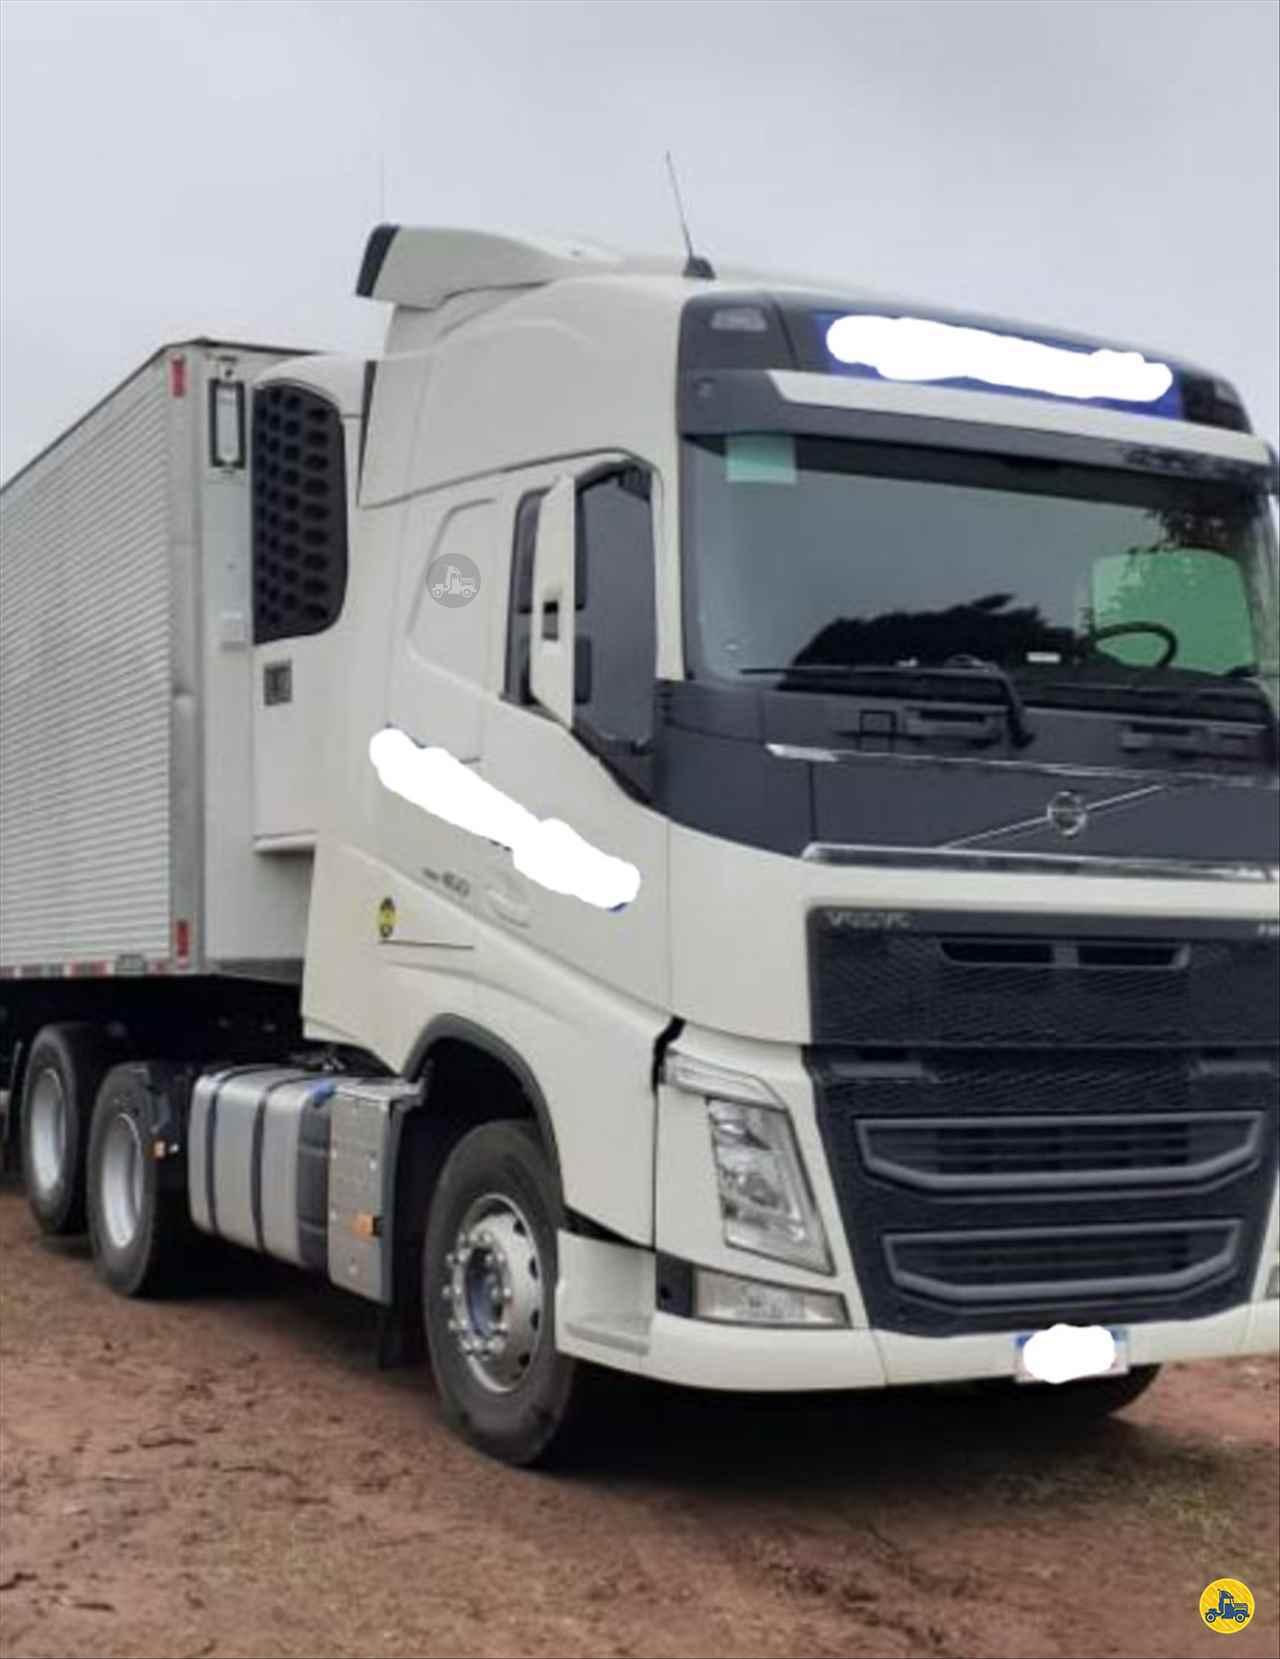 CAMINHAO VOLVO VOLVO FH 460 Cavalo Mecânico Truck 6x2 Rodrigo Caminhões CAMPO GRANDE MATO GROSSO DO SUL MS